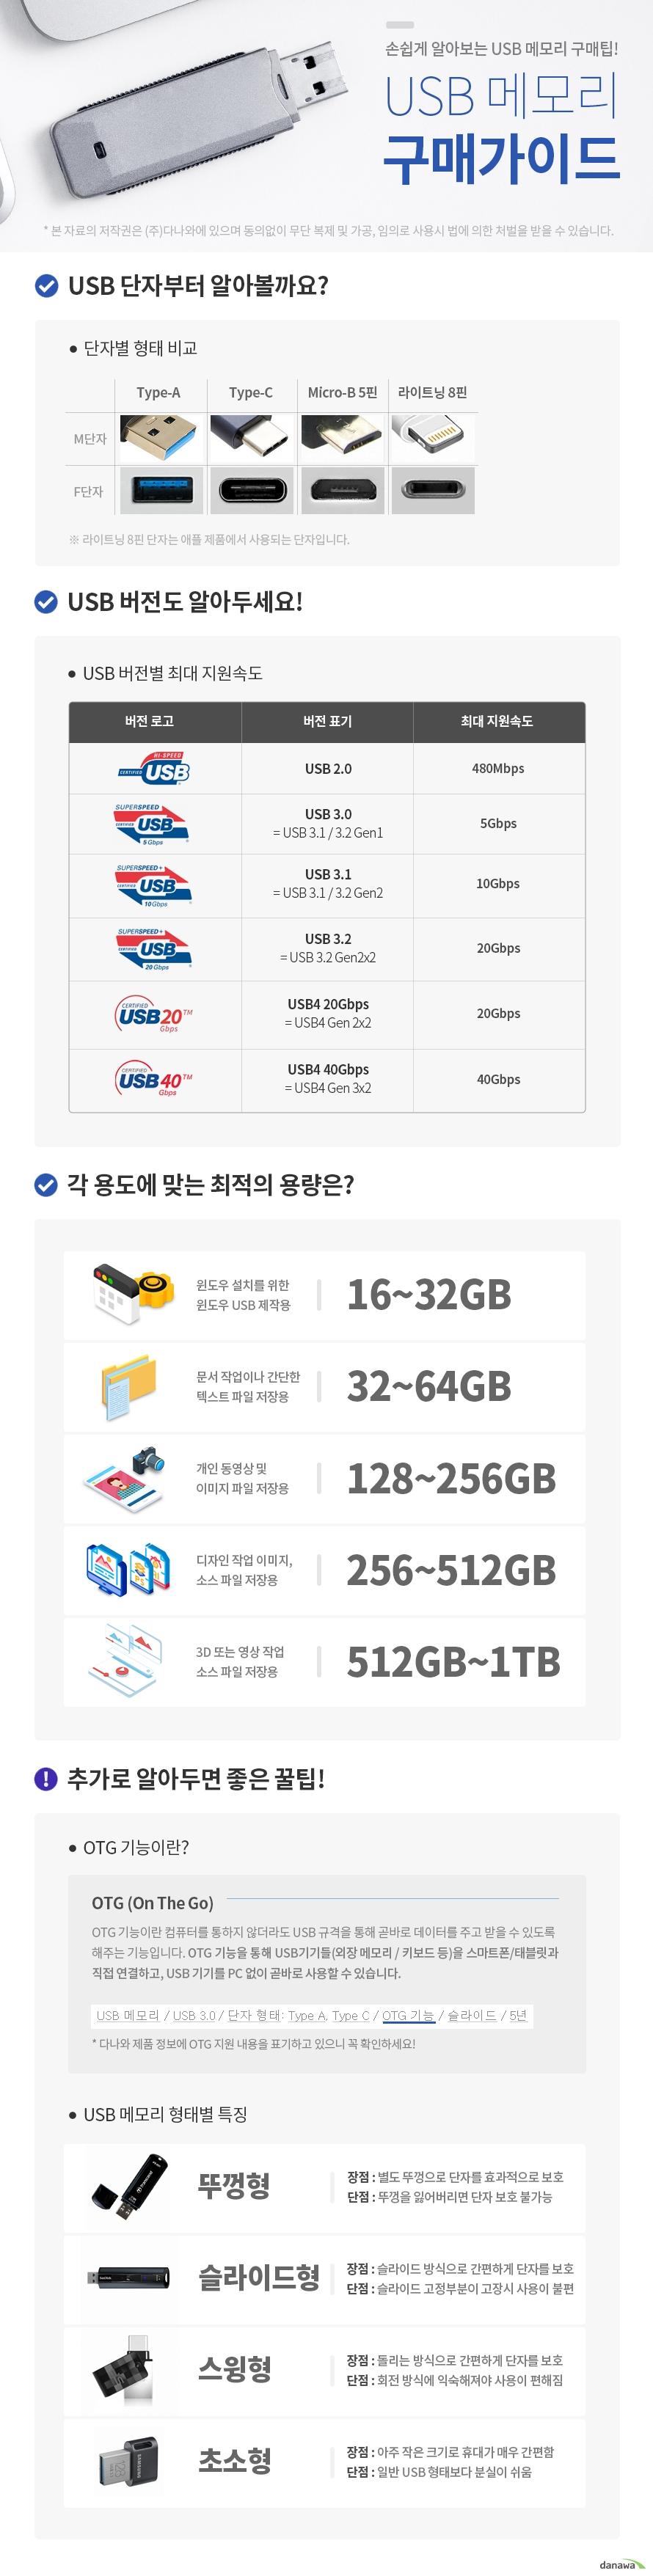 메모렛 스마트 스윙 OTG 마이크로 5핀 (64GB)